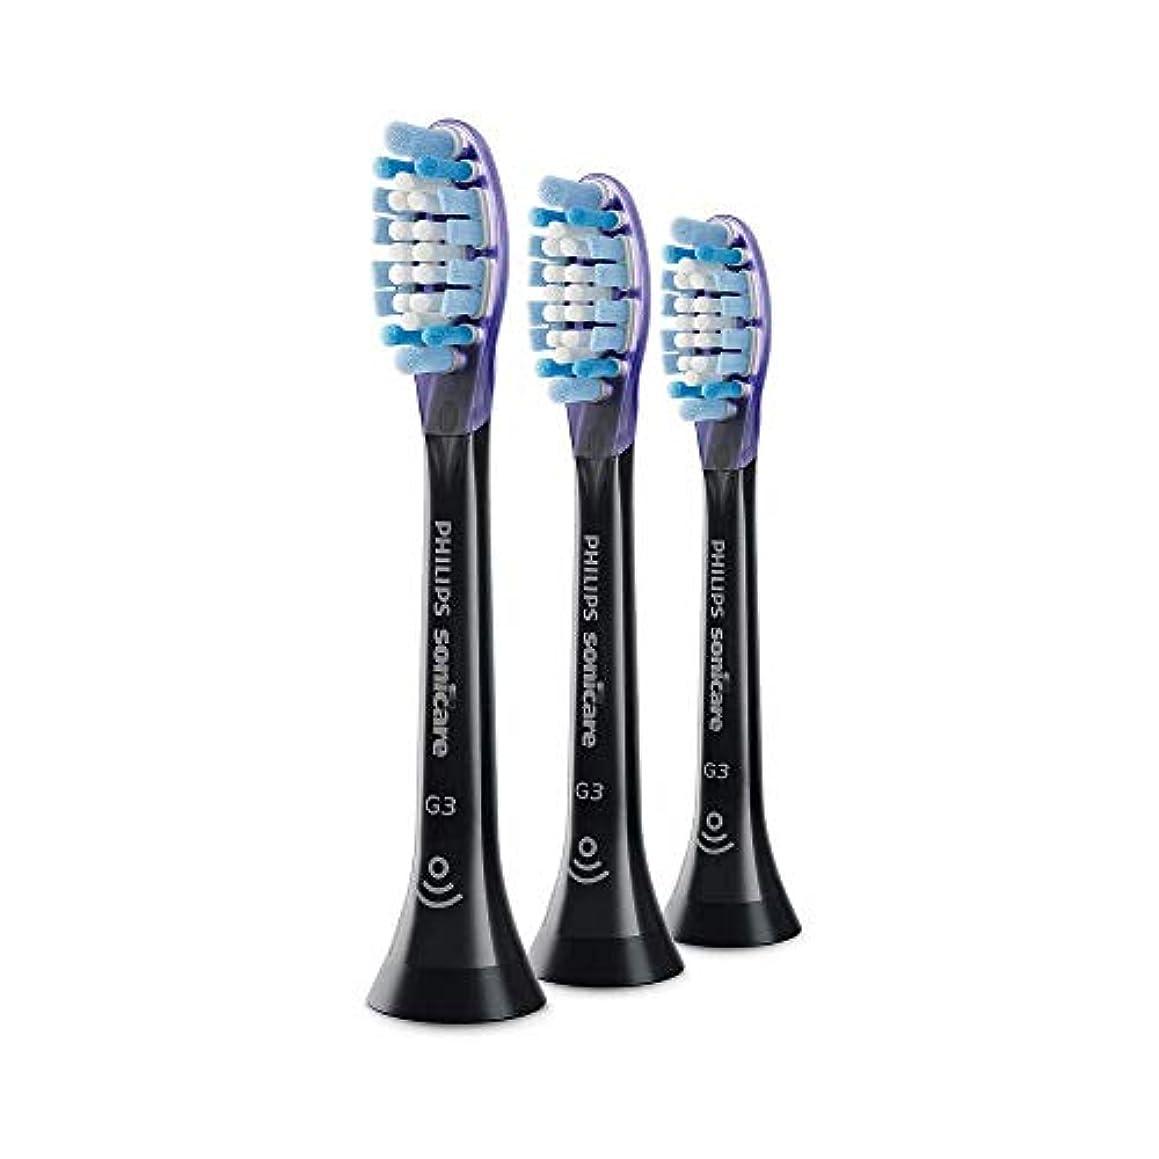 まあ宣言する幸運なことにPhilips HX9053 Sonicare G3 Premium GumCare 標準のソニック歯ブラシヘッド Black [並行輸入品]